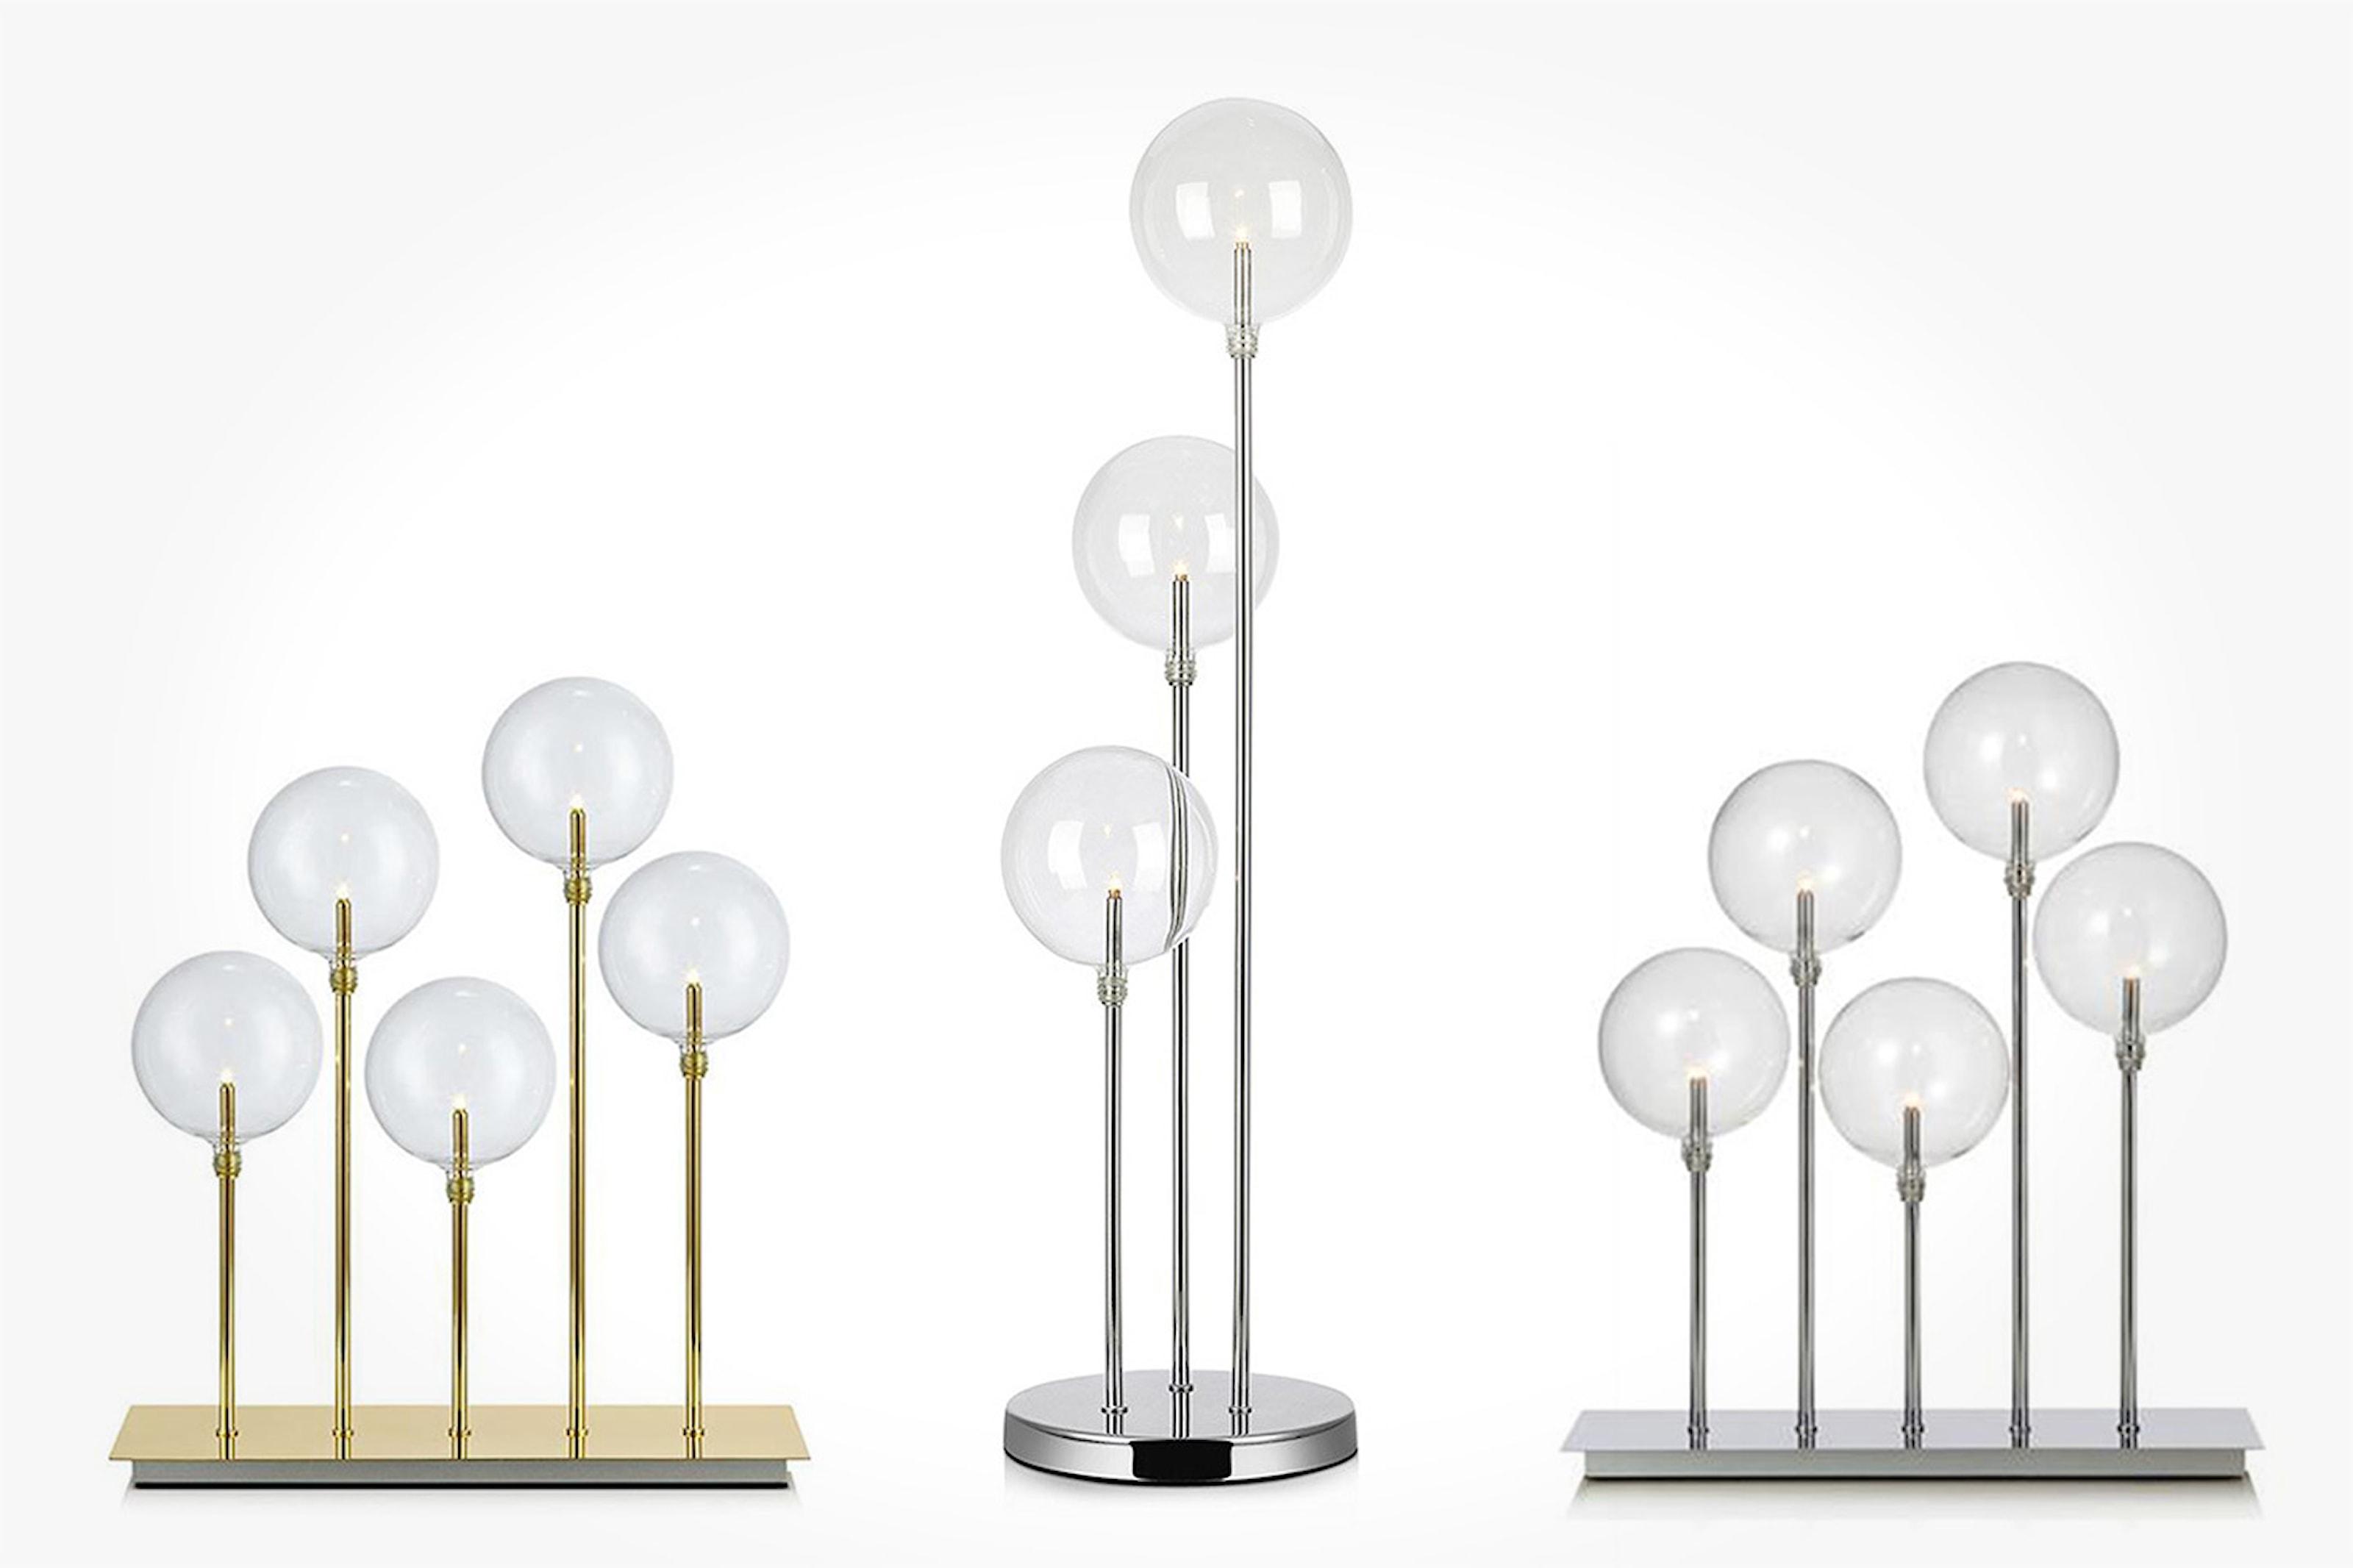 Moderna lampor från Markslöjd